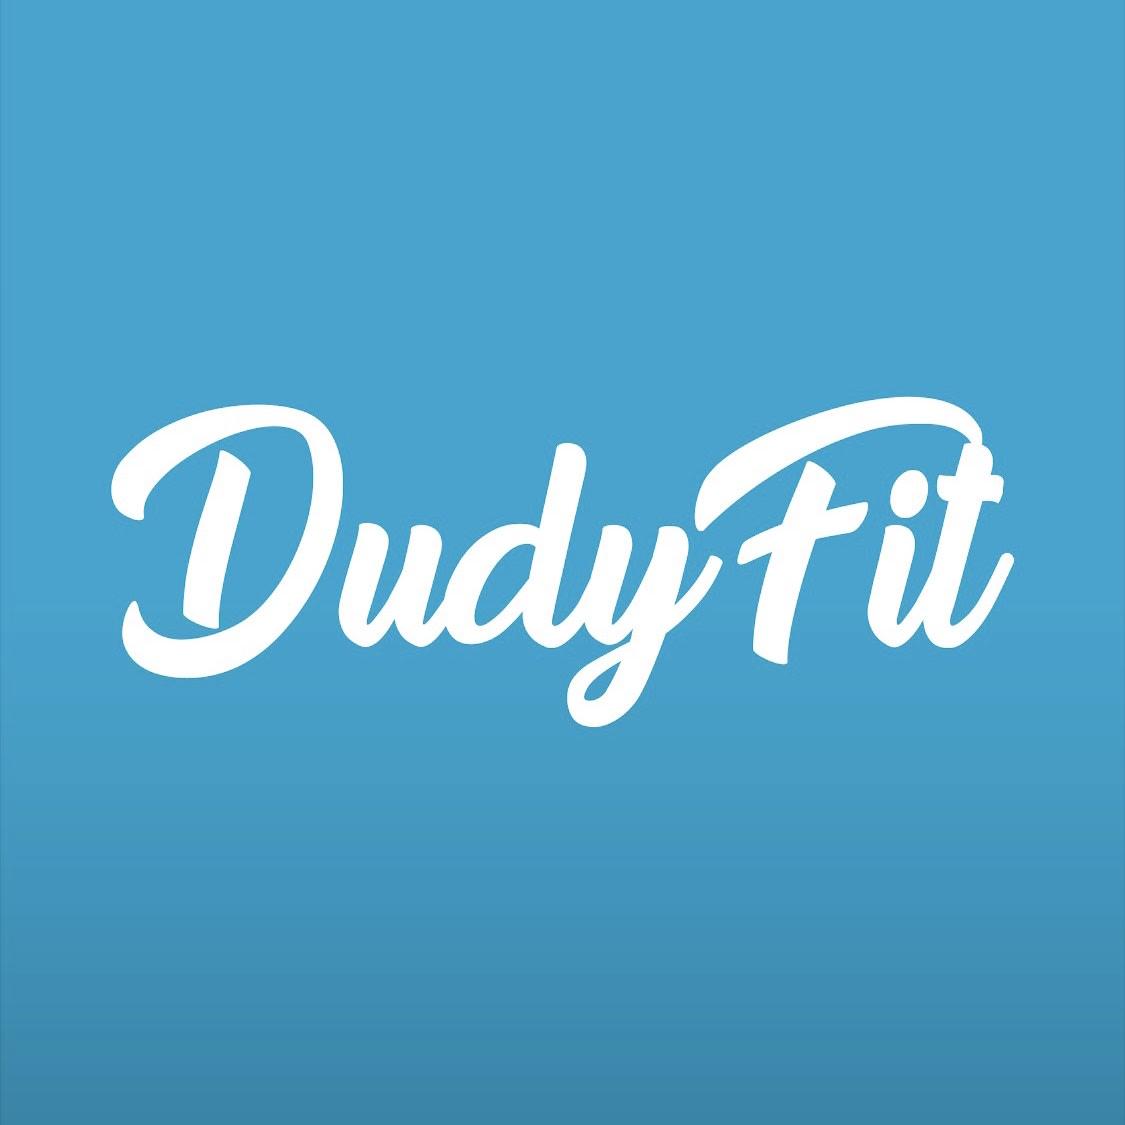 DudyFit